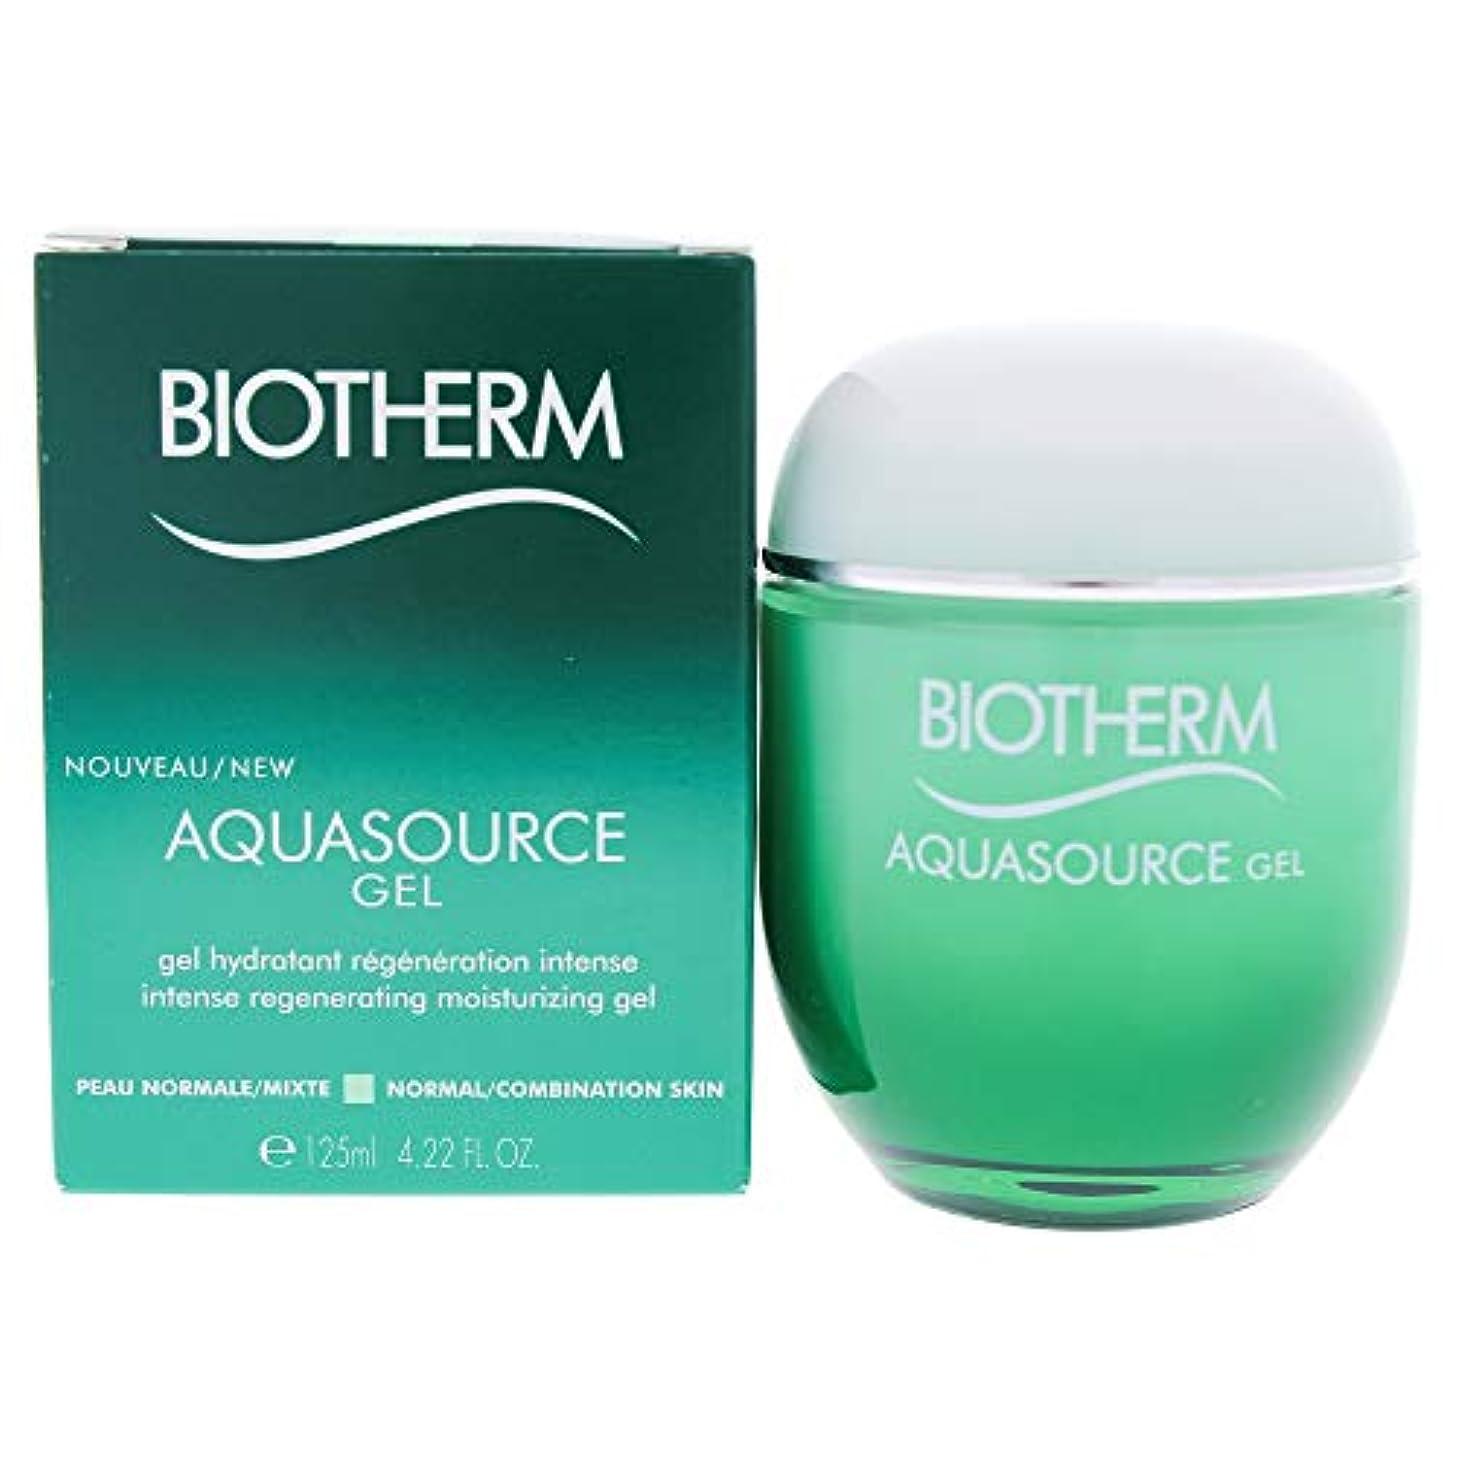 アコーテスピアン頬骨ビオテルム Aquasource Gel Intense Regenerating Moisturizing Gel - For Normal/Combination Skin 125ml/4.22oz並行輸入品